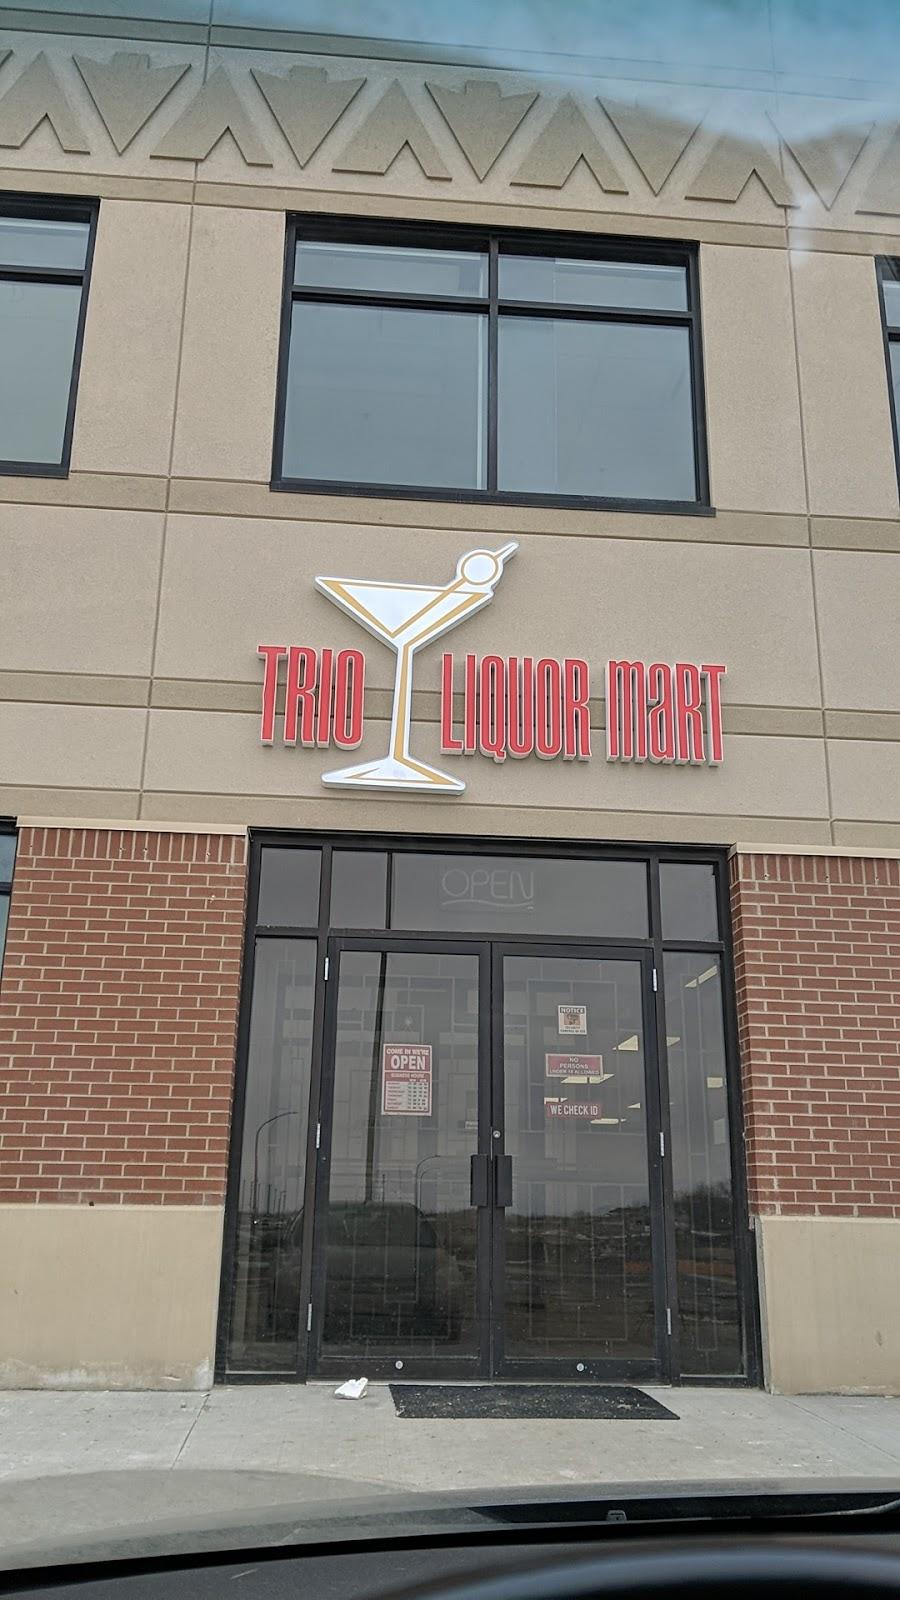 Trio Liquor Mart | store | 21553 Chief Lapotac Blvd, Enoch, AB T7Y 3Y3, Canada | 5874624099 OR +1 587-462-4099